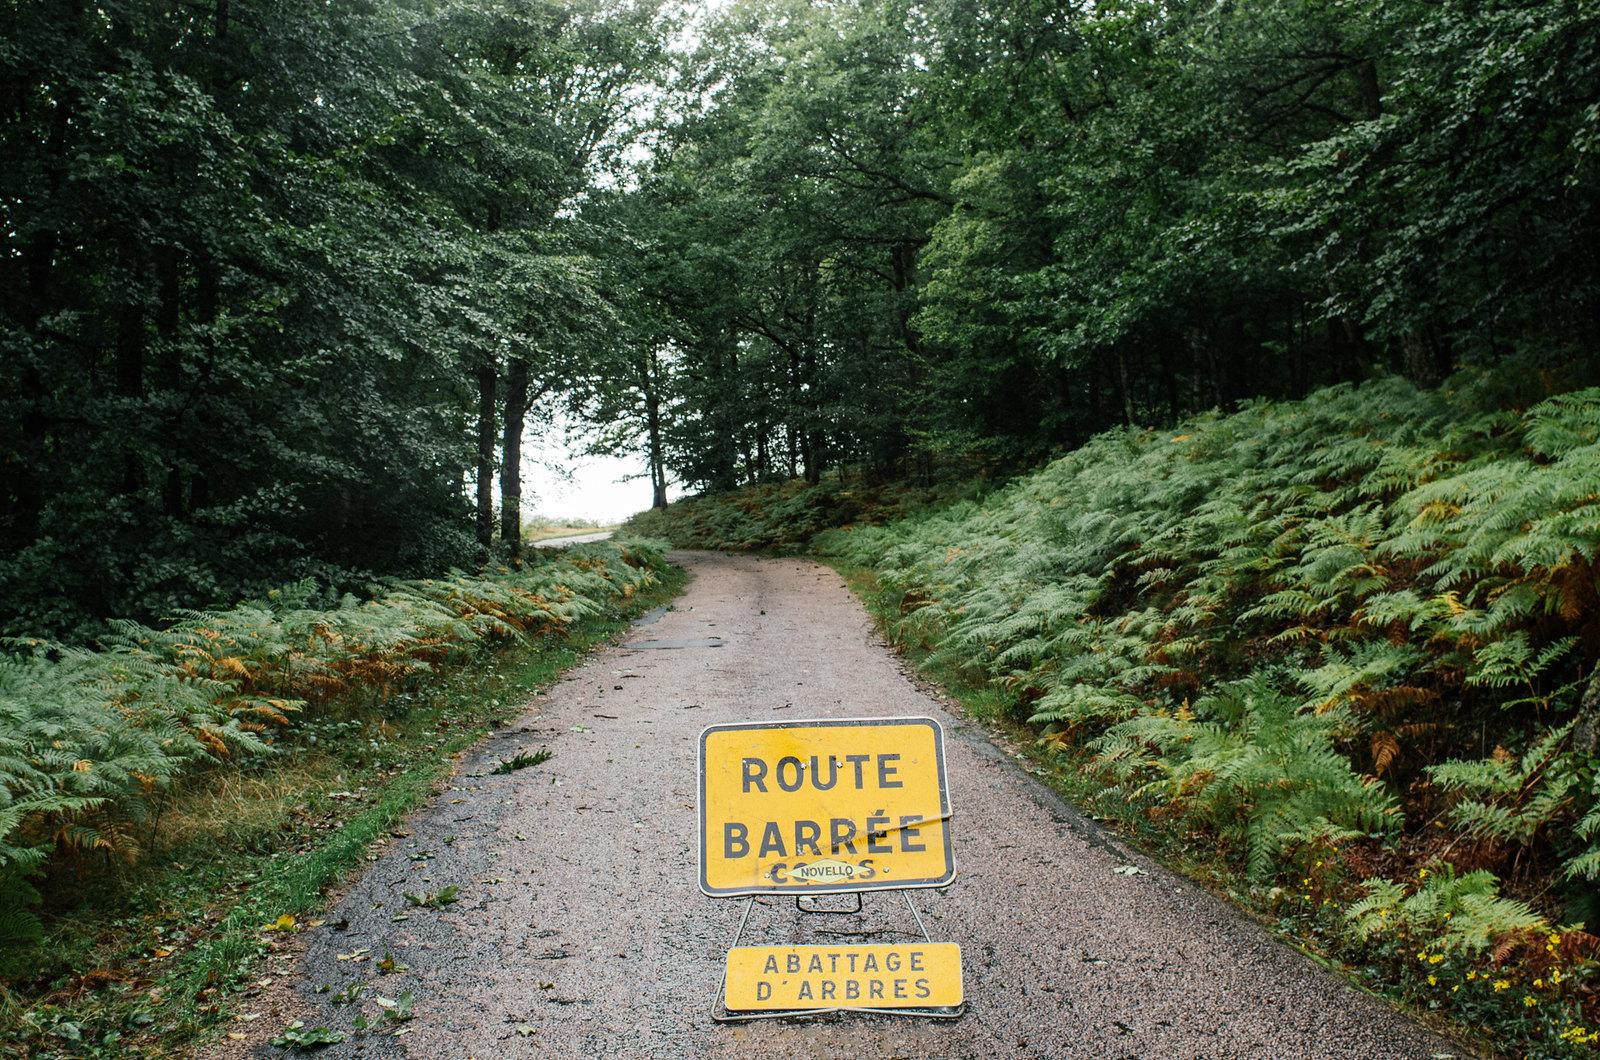 Grande traversée du Morvan - Route barrée